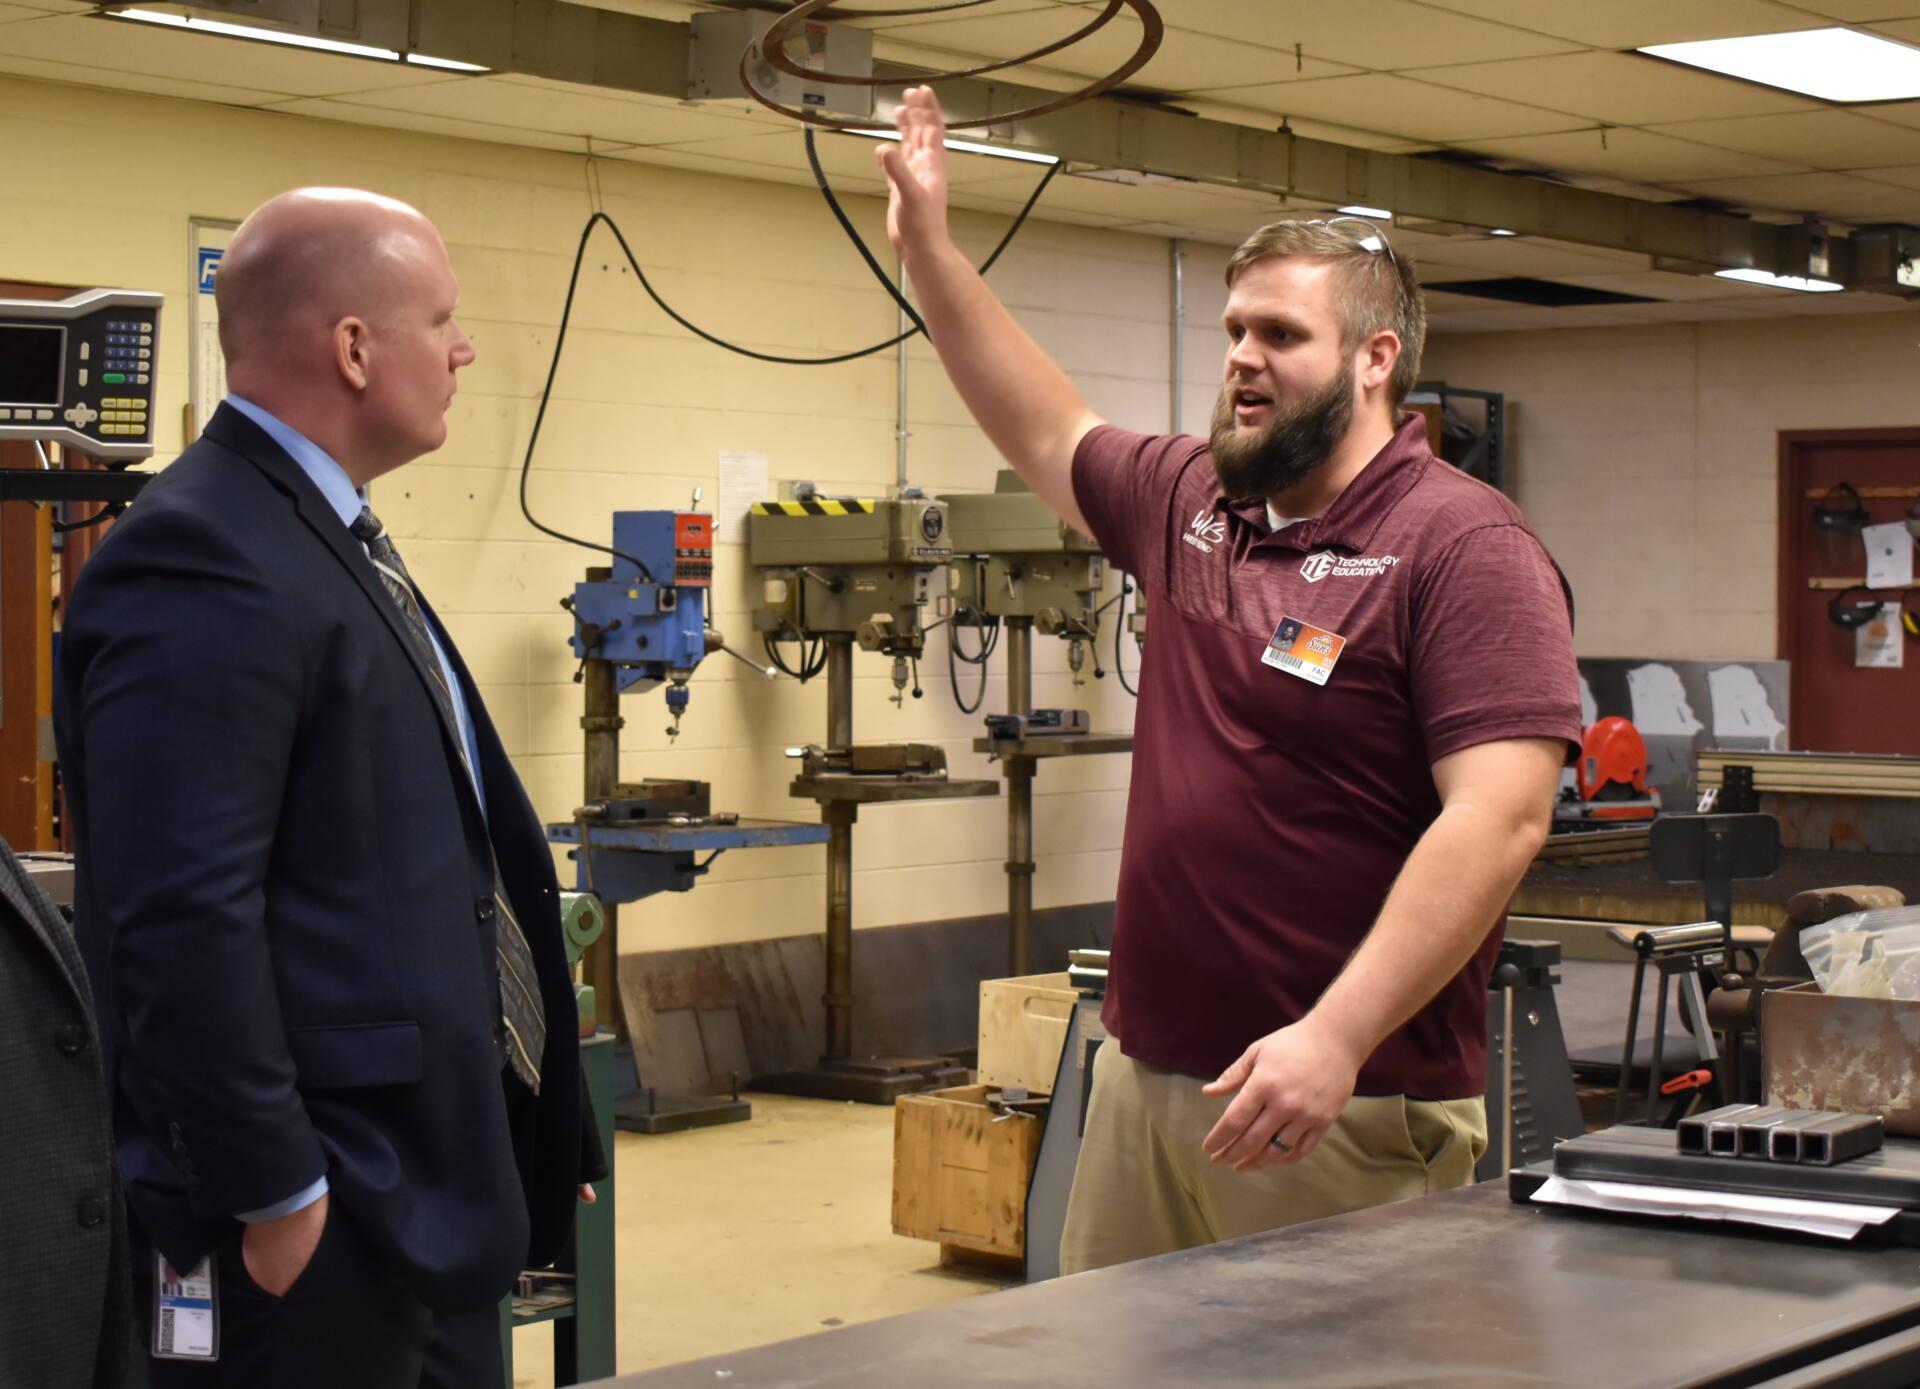 Department of Workforce Development Applauds CTE Program and Industry Partners